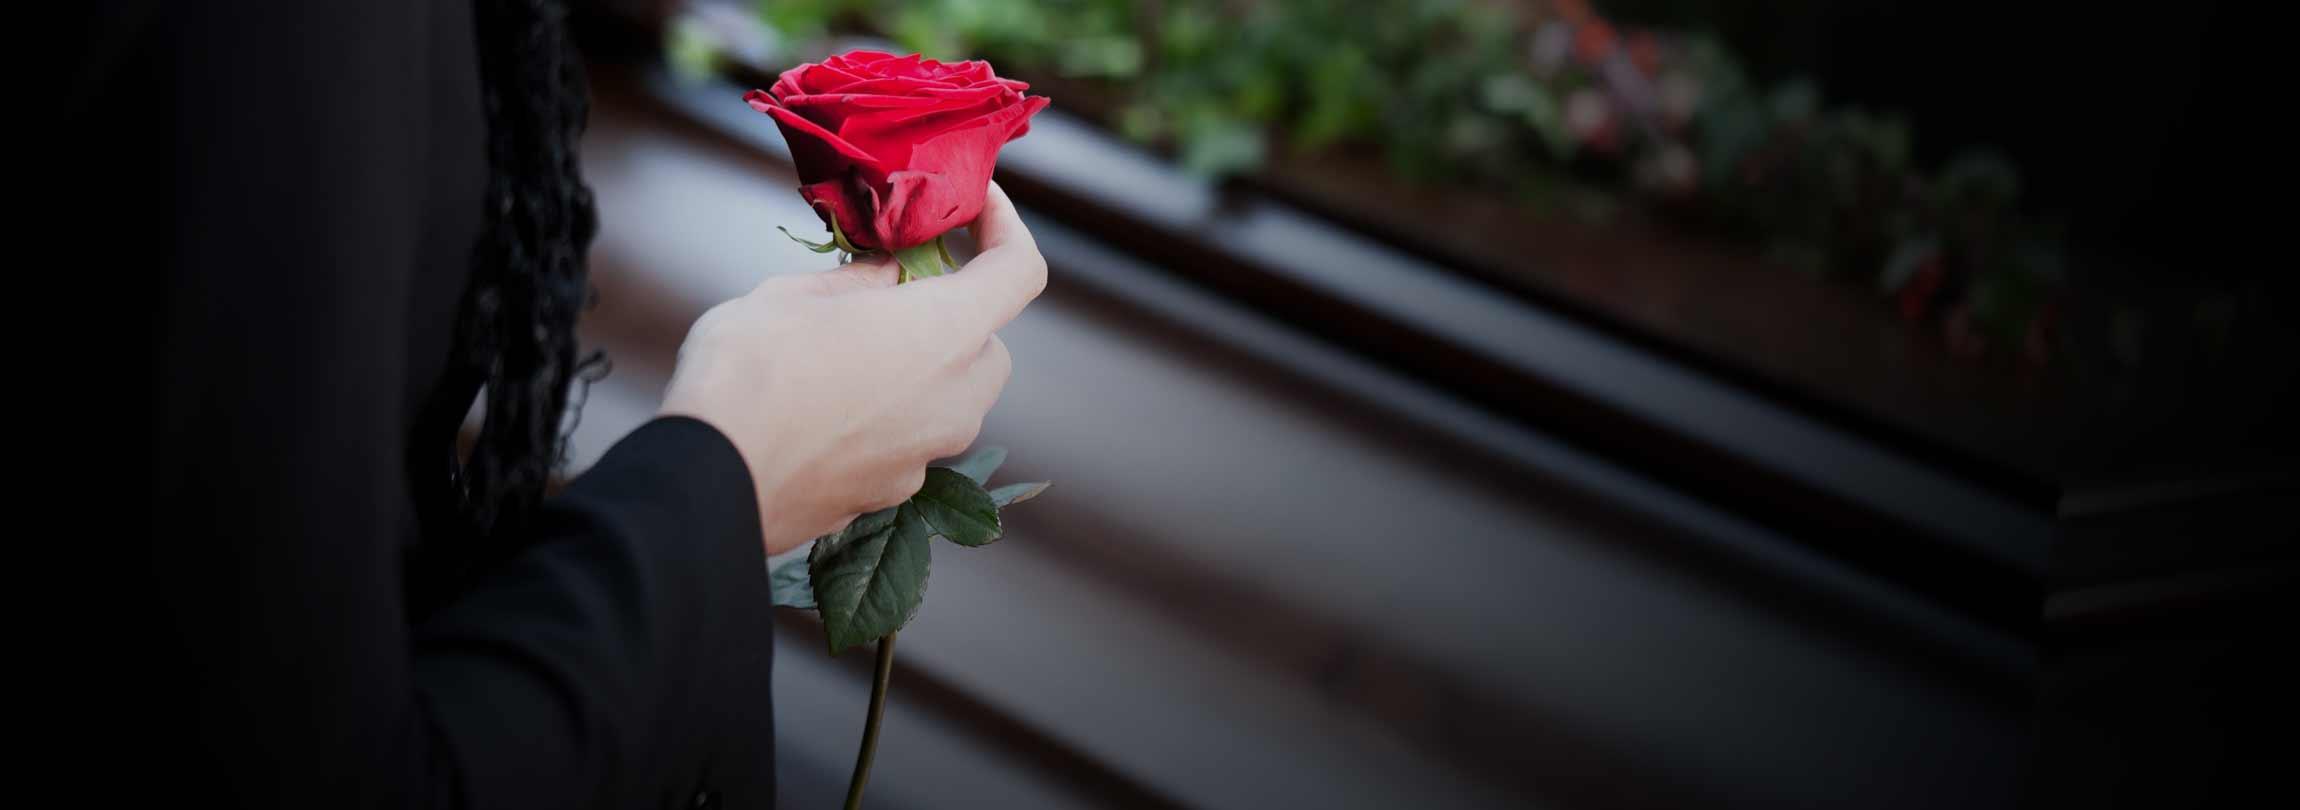 Sete conselhos para enfrentar a morte e o luto de forma cristã